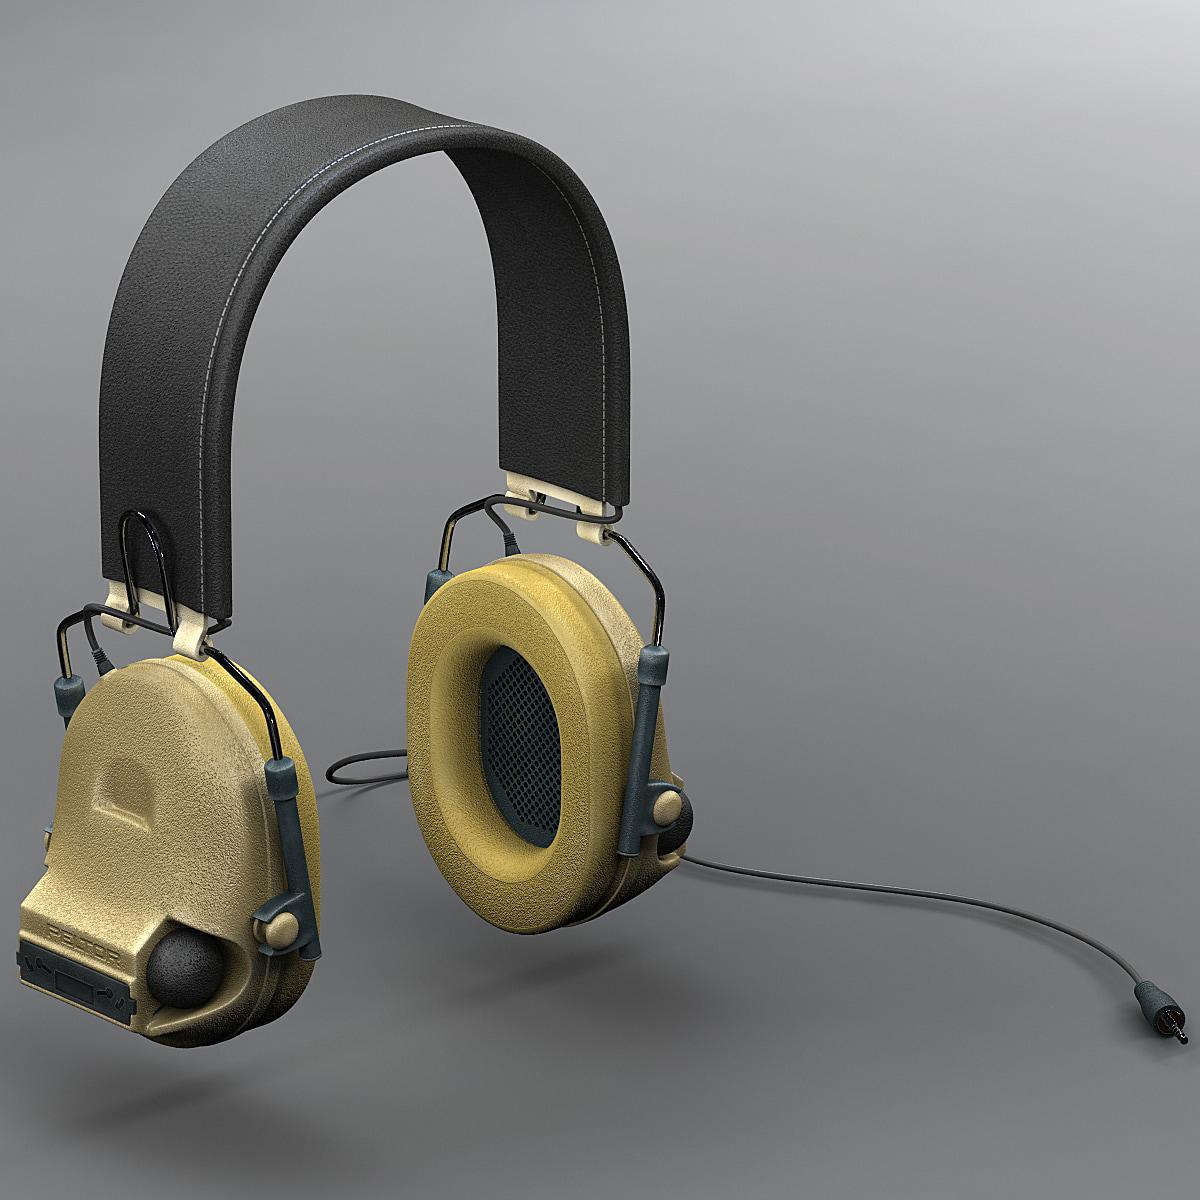 Military_Peltor_Com-Tac_II_Headset_V2_Vray_1.jpg